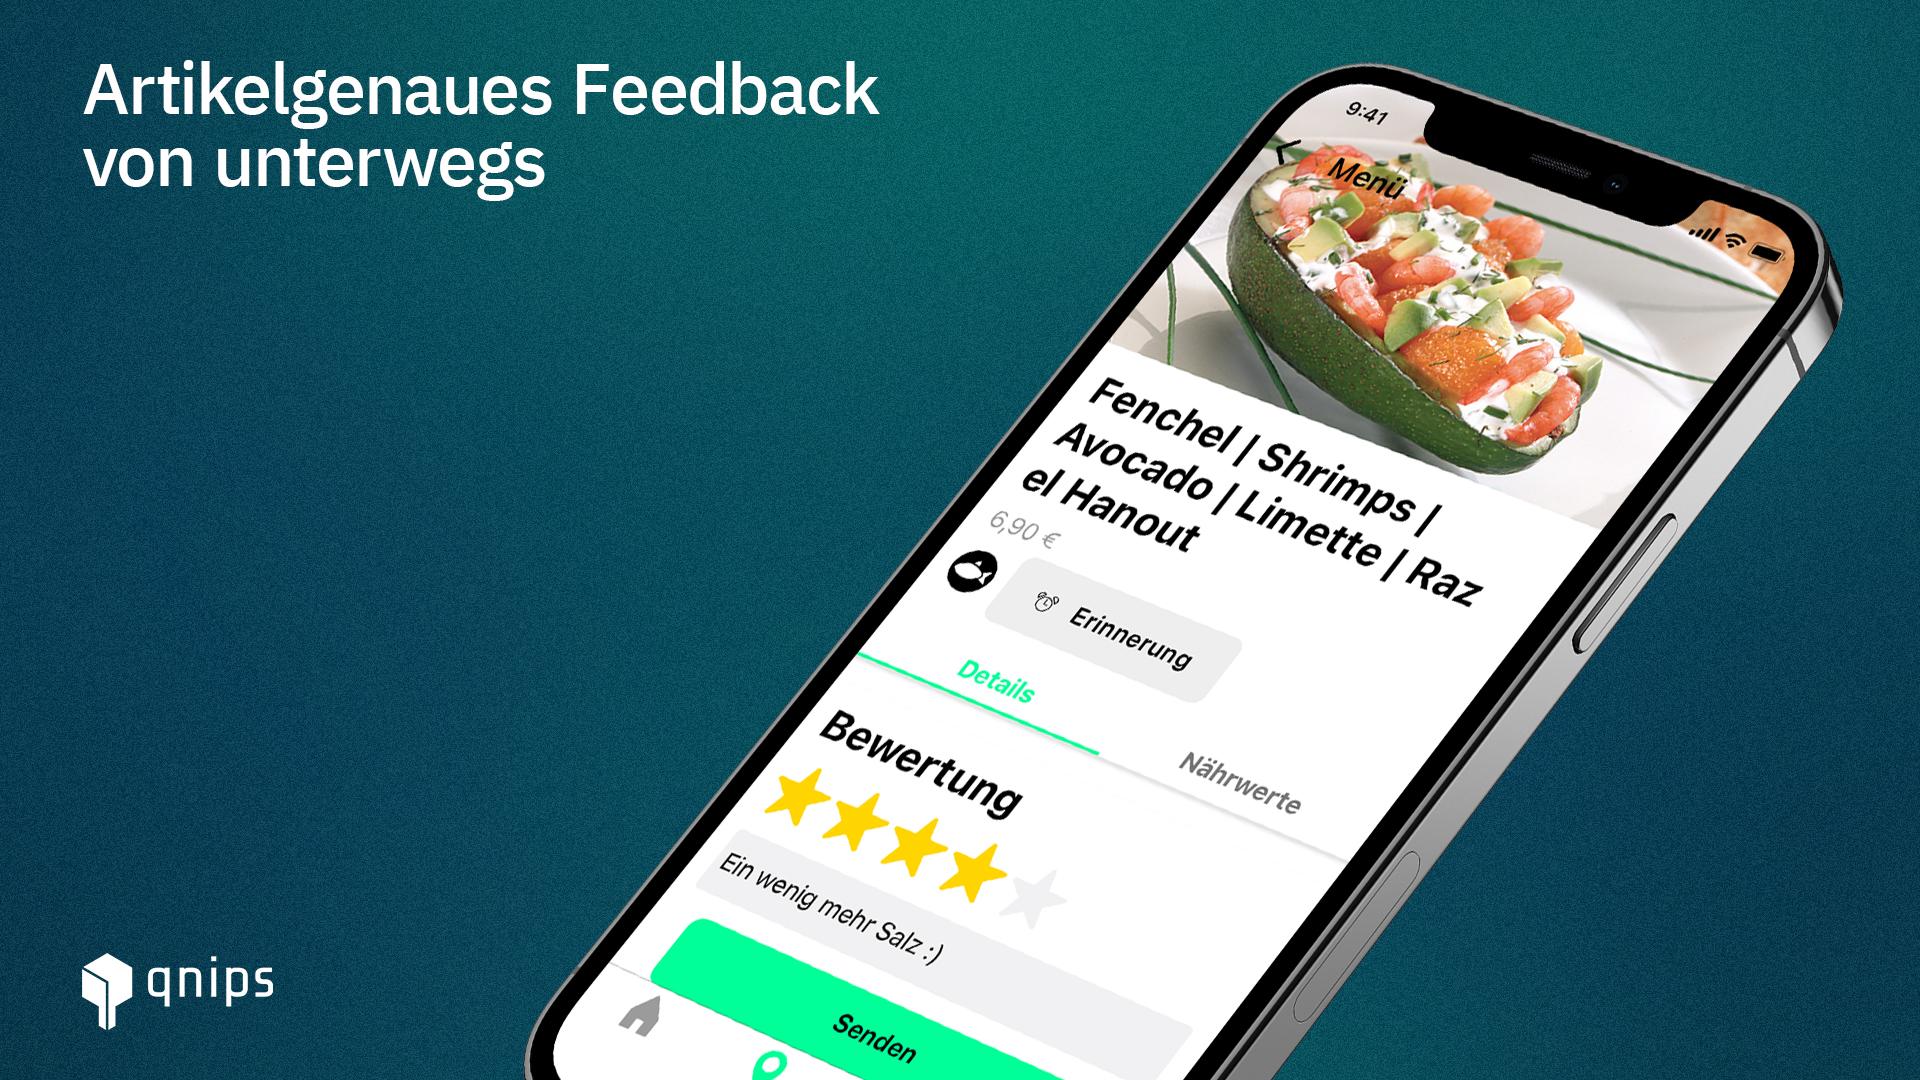 In der qnips App können Ihre Gäste direkt am digitalen Speiseplan eine Bewertung für das entsprechende Gericht abgeben.